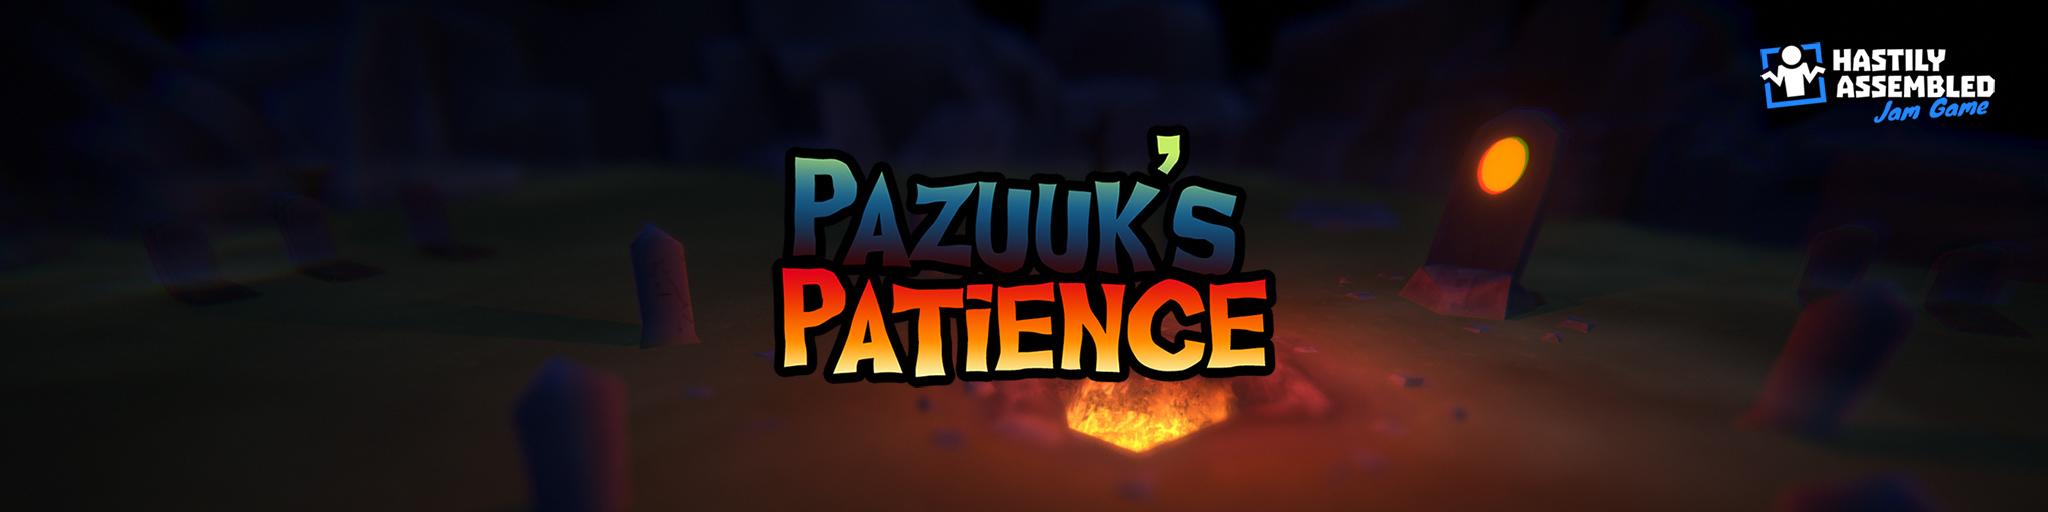 Pazuuk's Patience